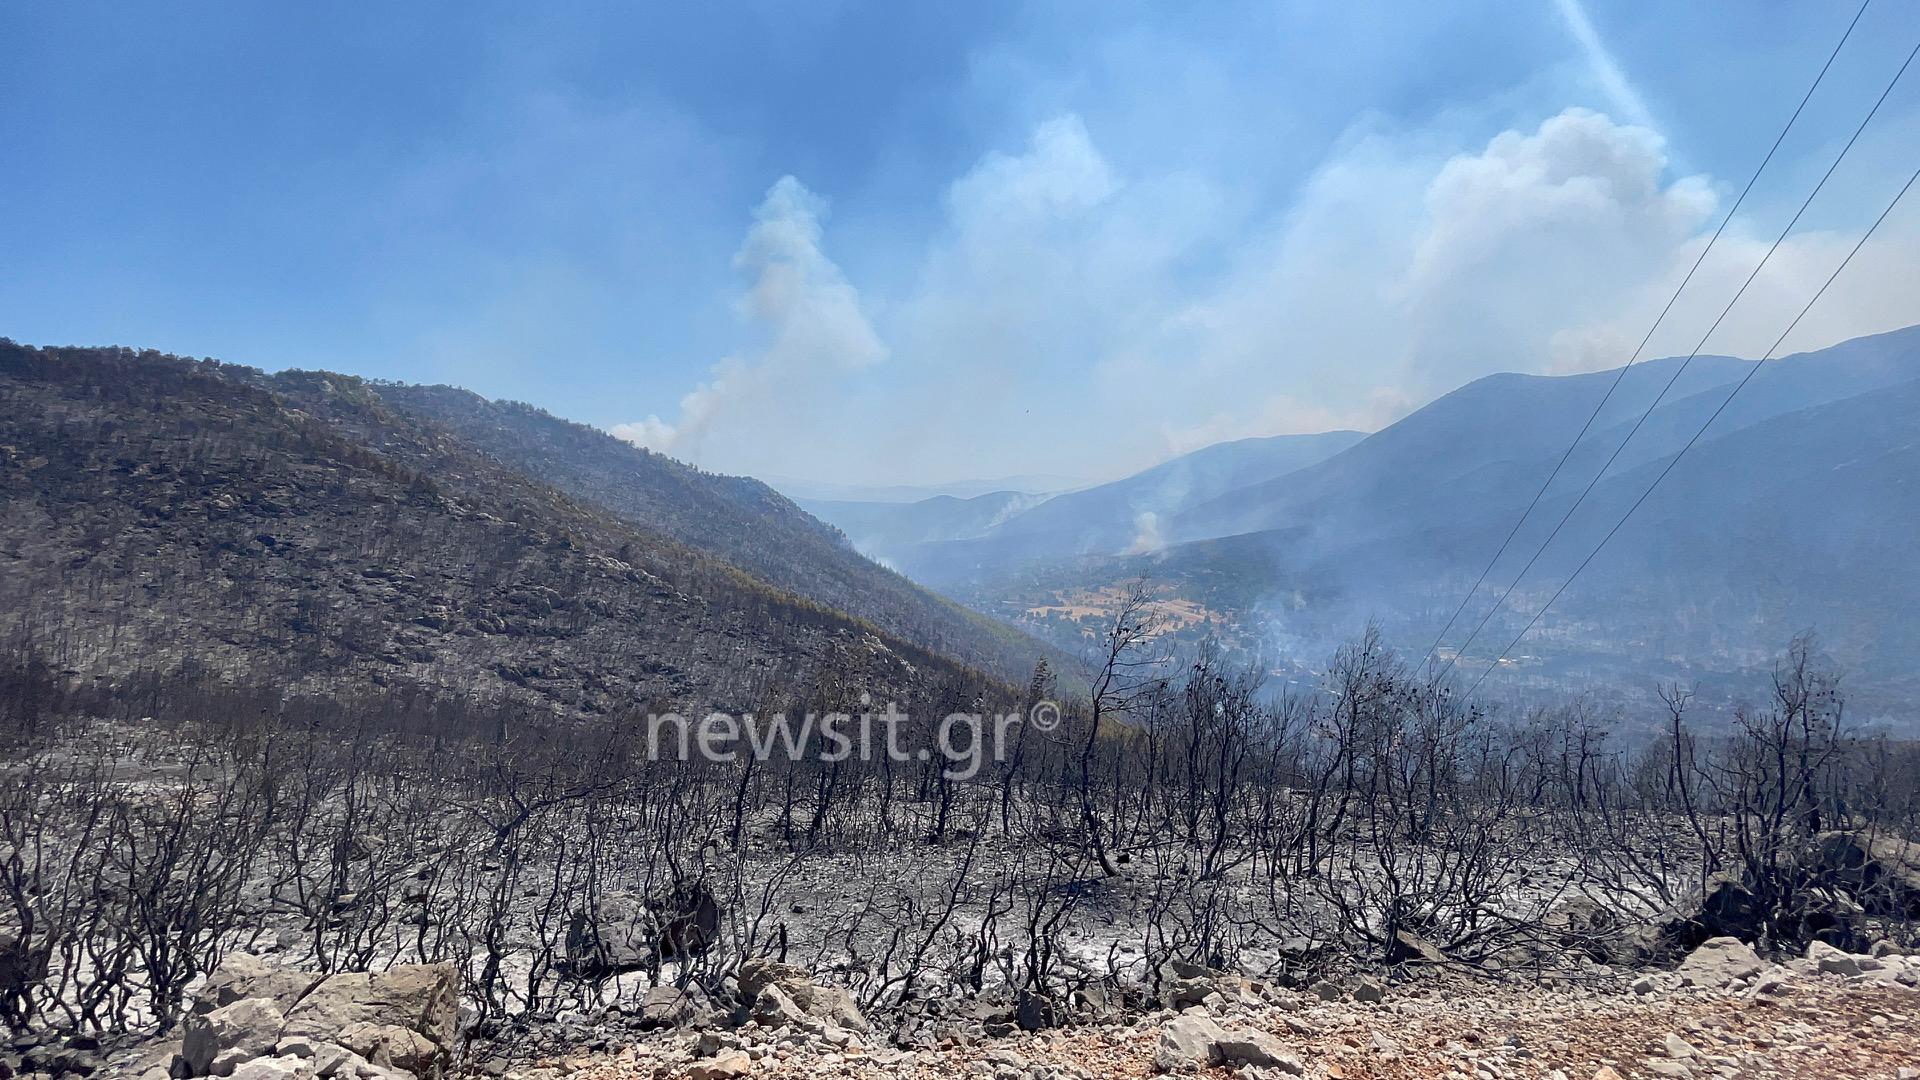 Φωτιά στα Βίλια: Από ένα κούτσουρο πεύκου ξεκίνησαν όλα – Οι πρώτες εικόνες από την καταστροφή